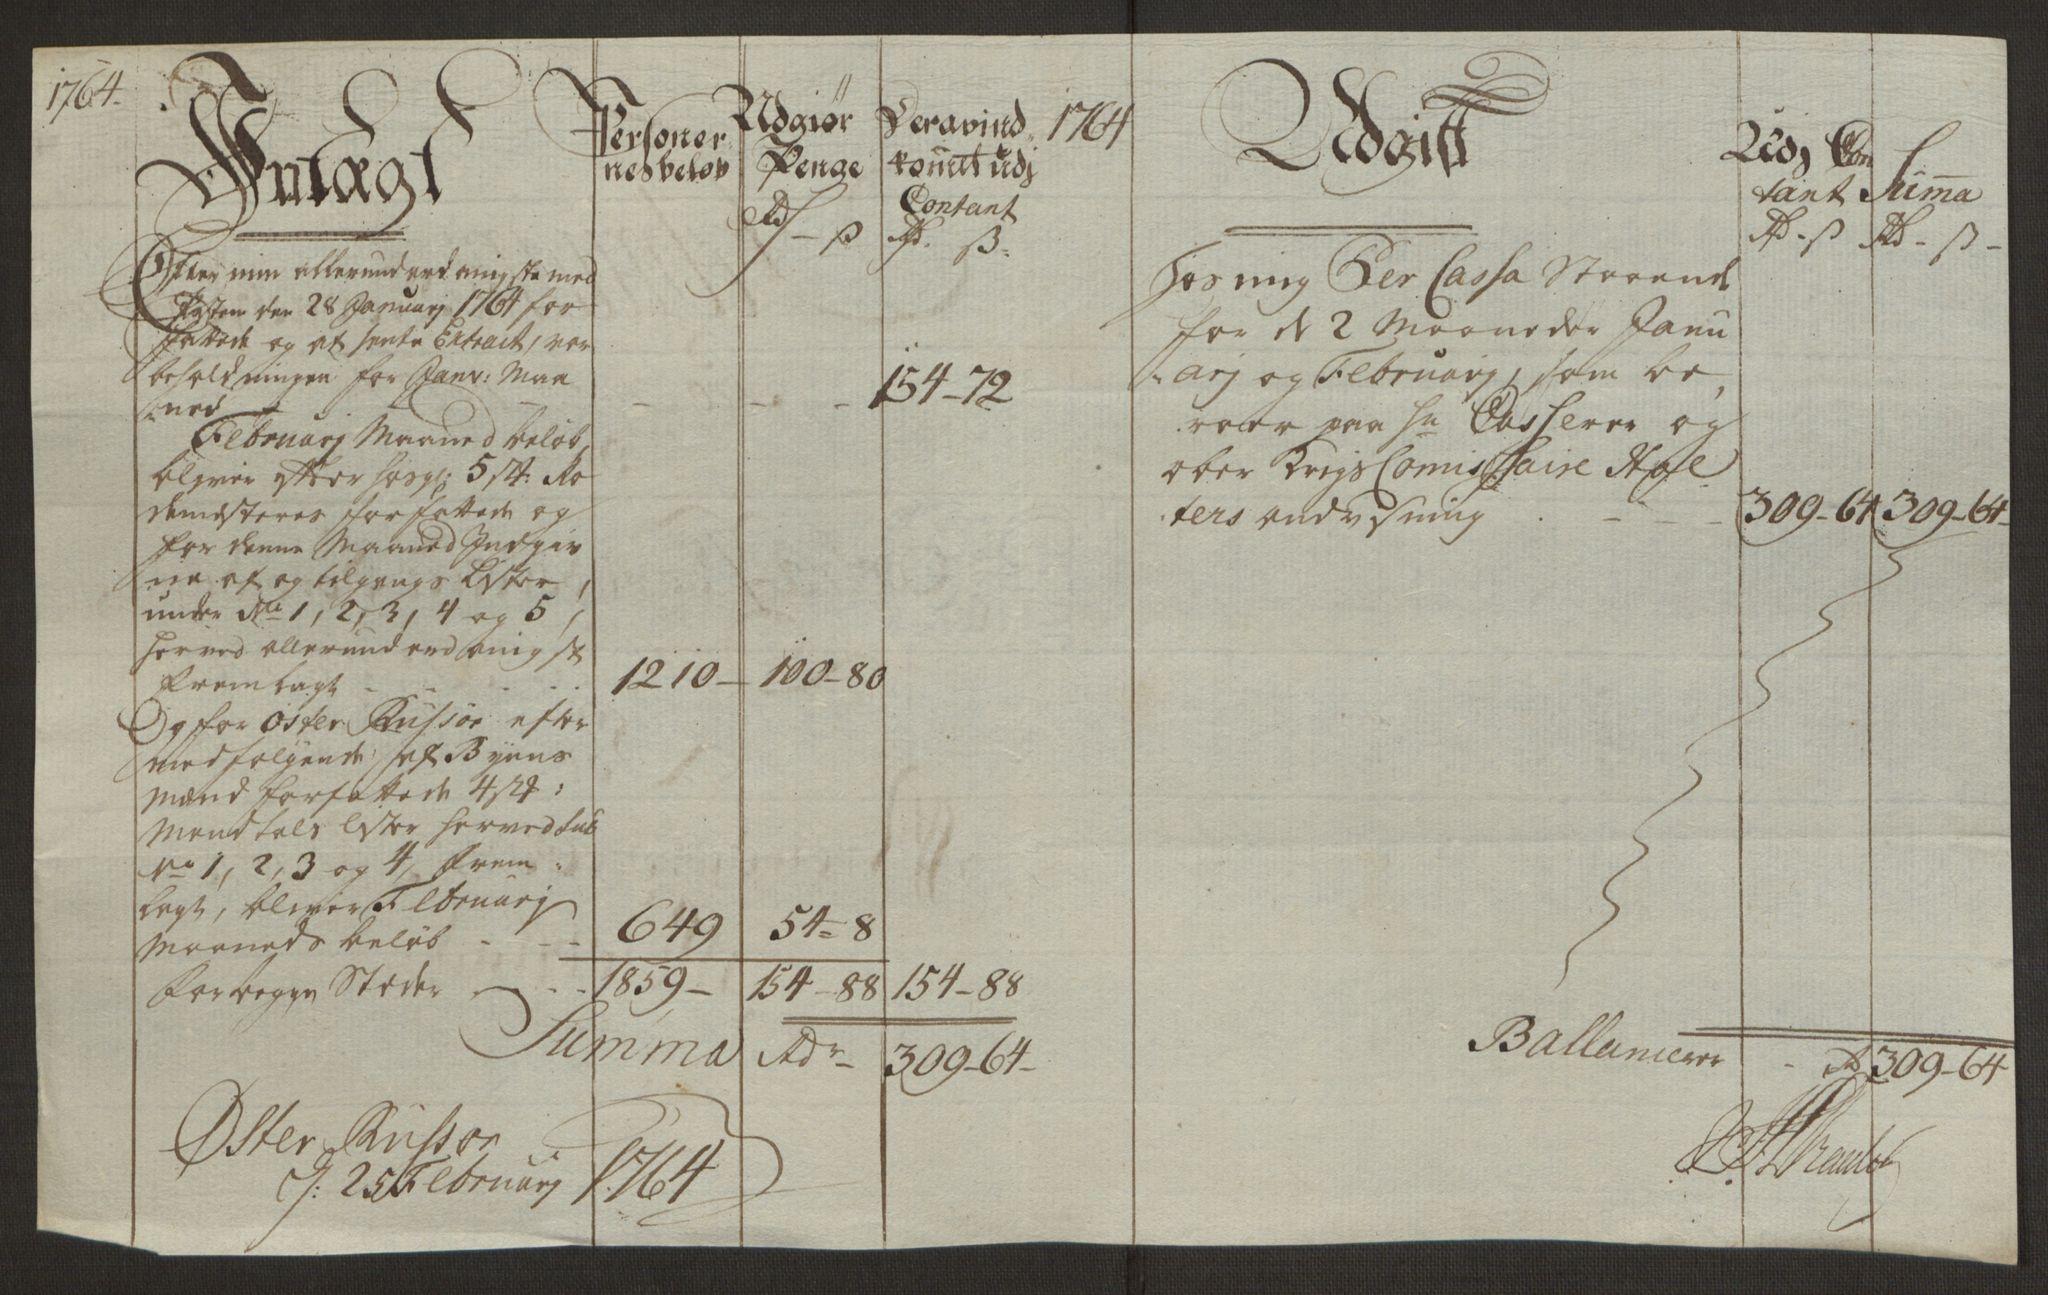 RA, Rentekammeret inntil 1814, Reviderte regnskaper, Byregnskaper, R/Rl/L0230: [L4] Kontribusjonsregnskap, 1762-1764, s. 431